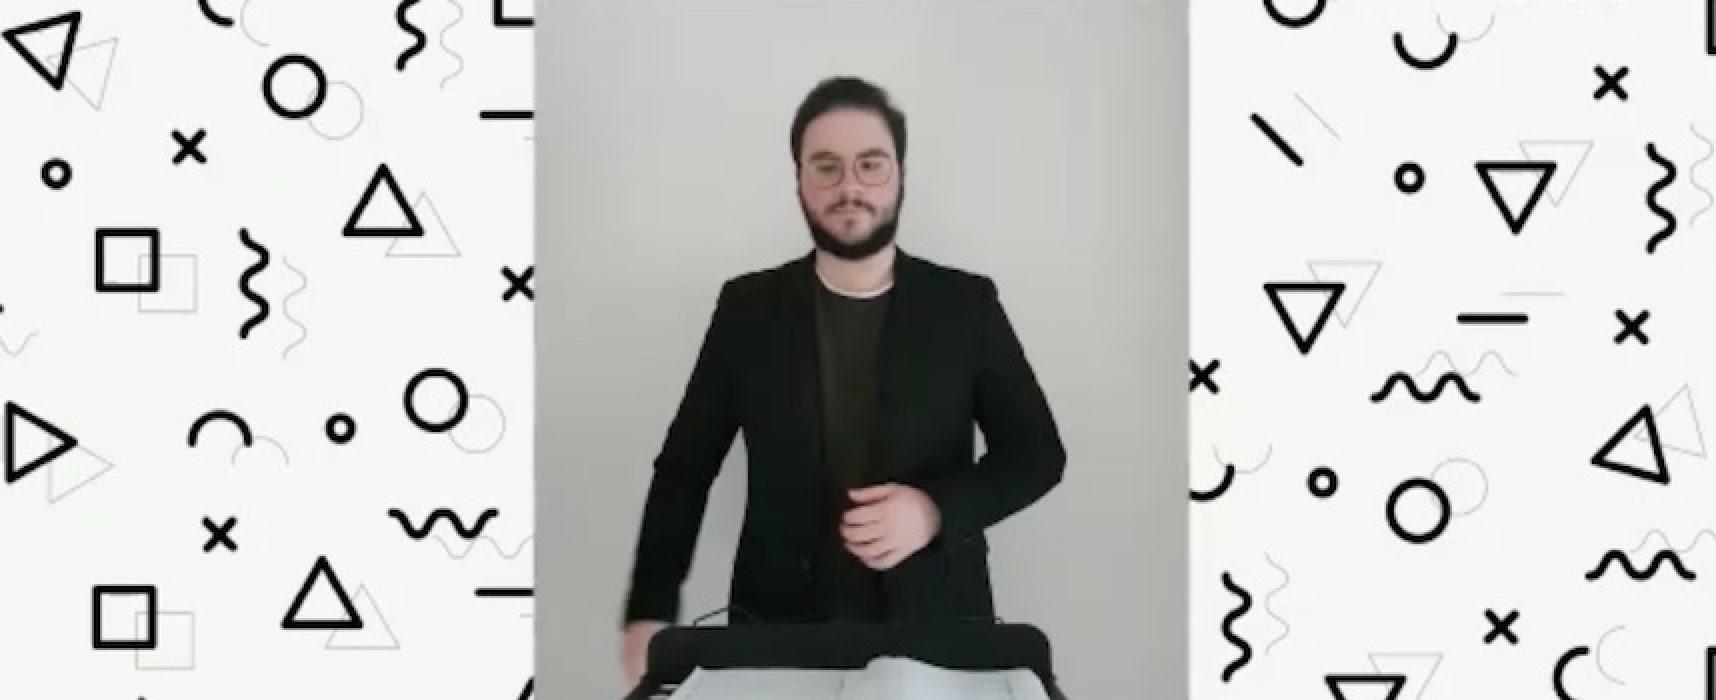 """Paolo Lopolito dirige orchestra a distanza sulle note di """"Can't help falling in love"""" / VIDEO"""